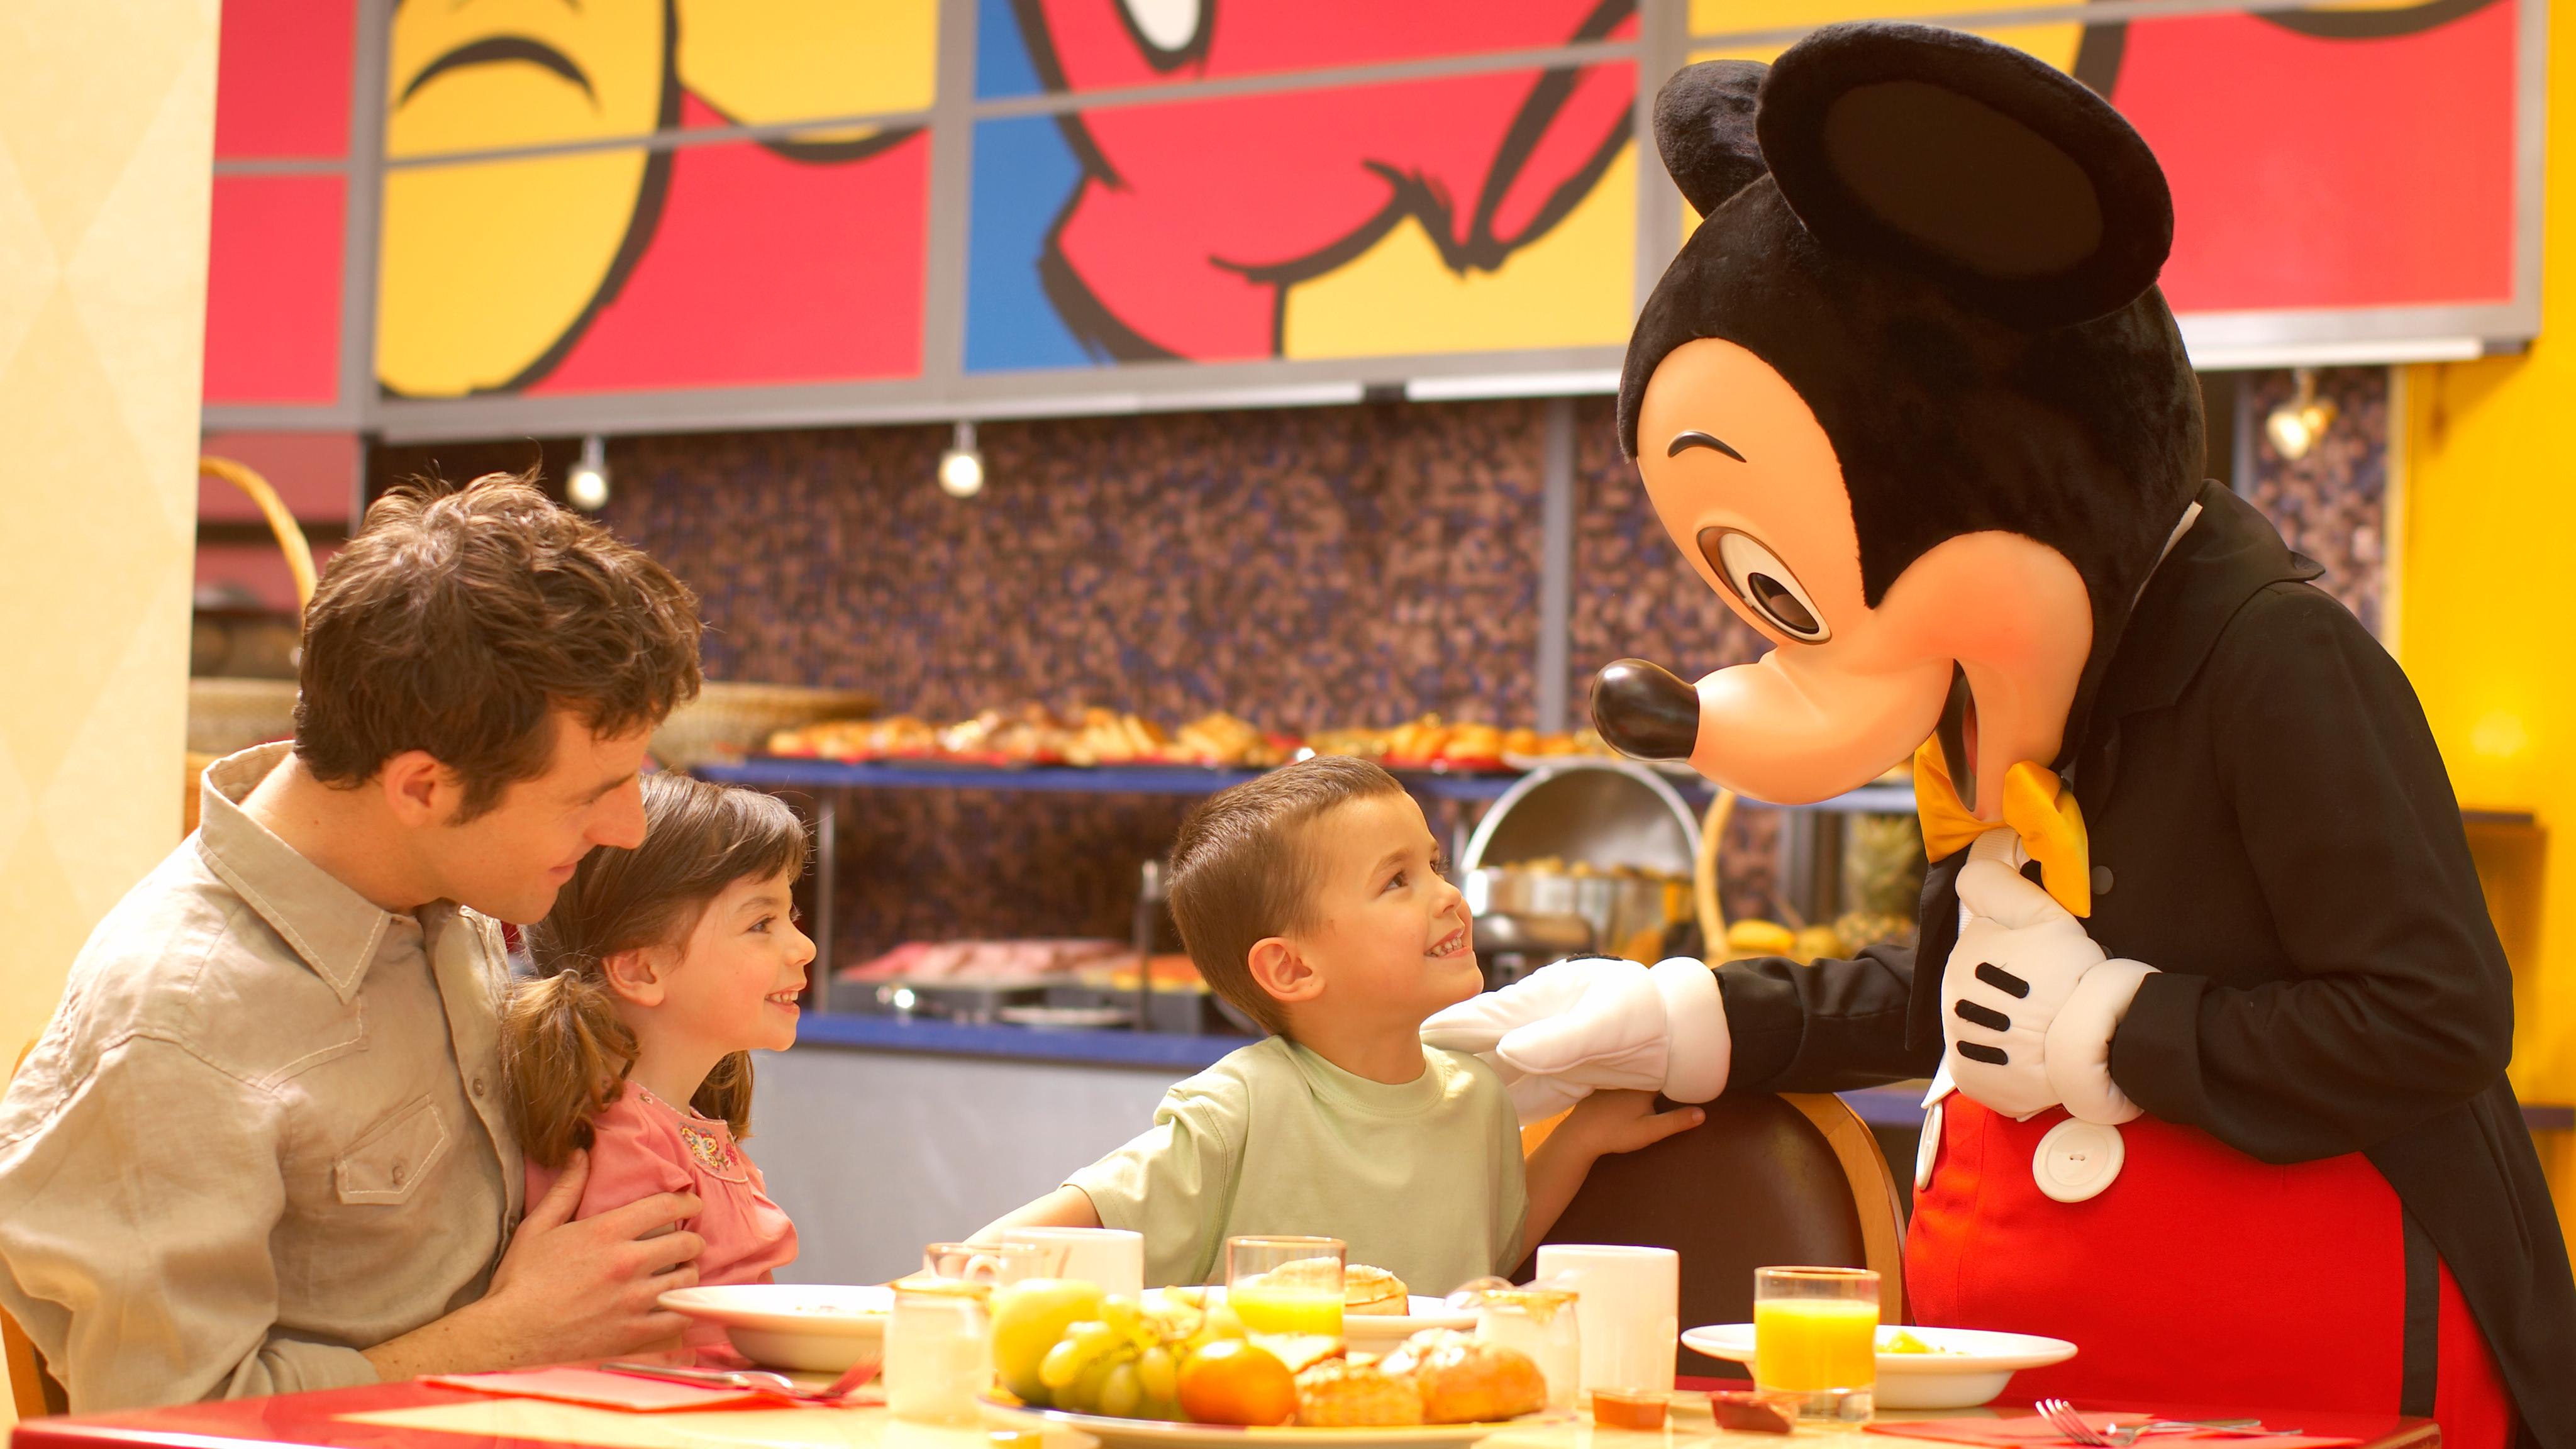 Manger avec des personnages  à Disneyland Paris